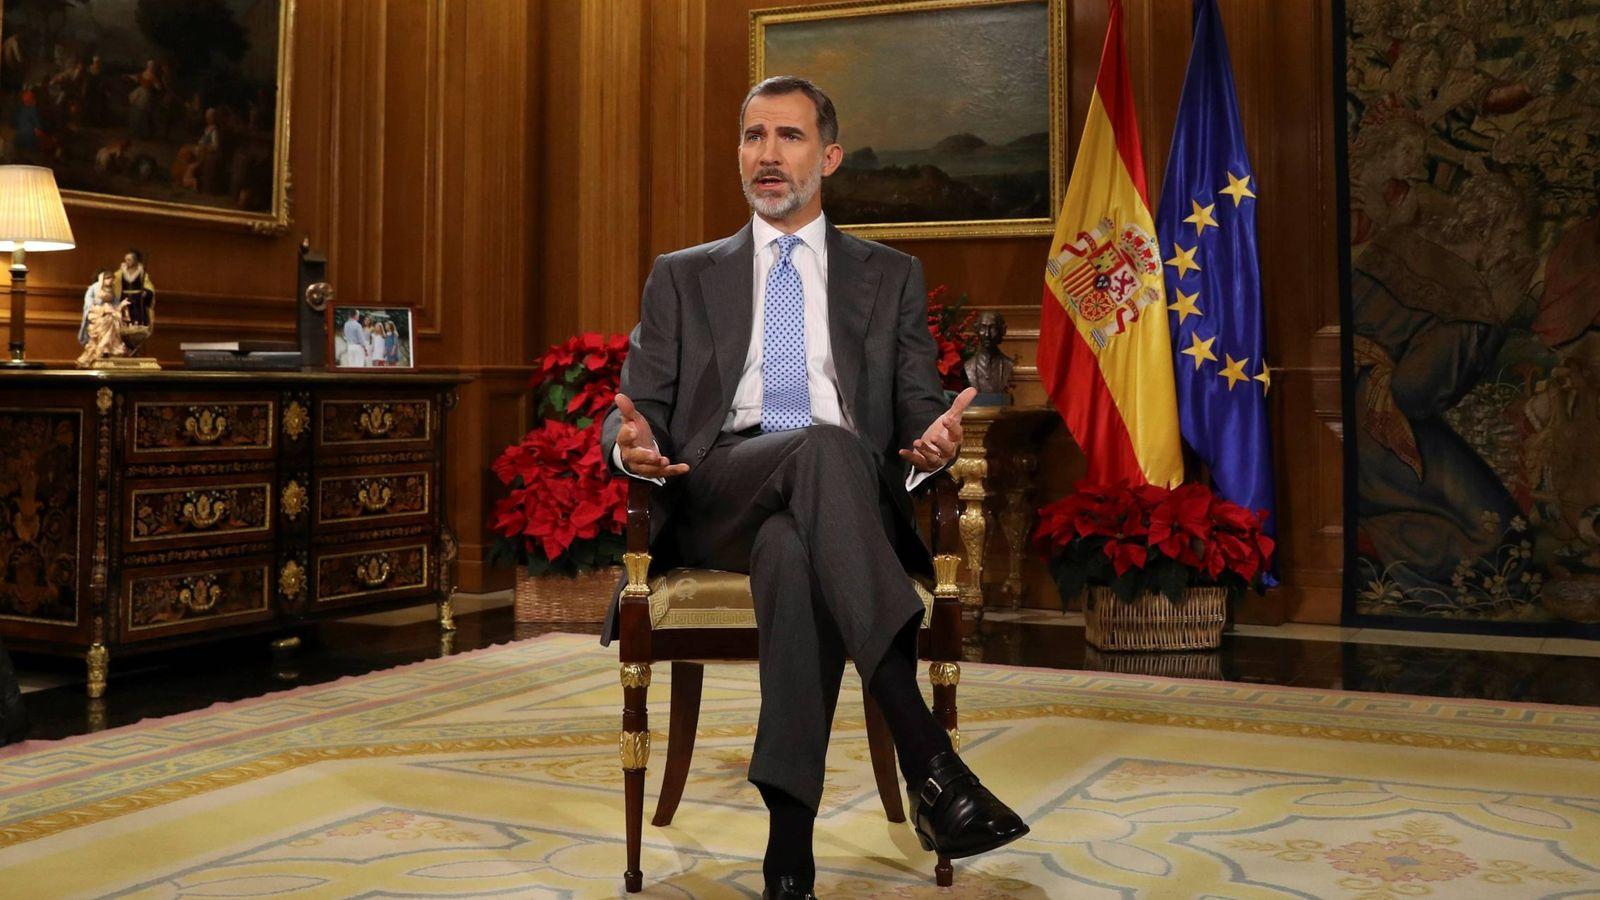 Foto: Felipe VI durante el tradicional discurso de Nochebuena en el Palacio de la Zarzuela. (EFE)